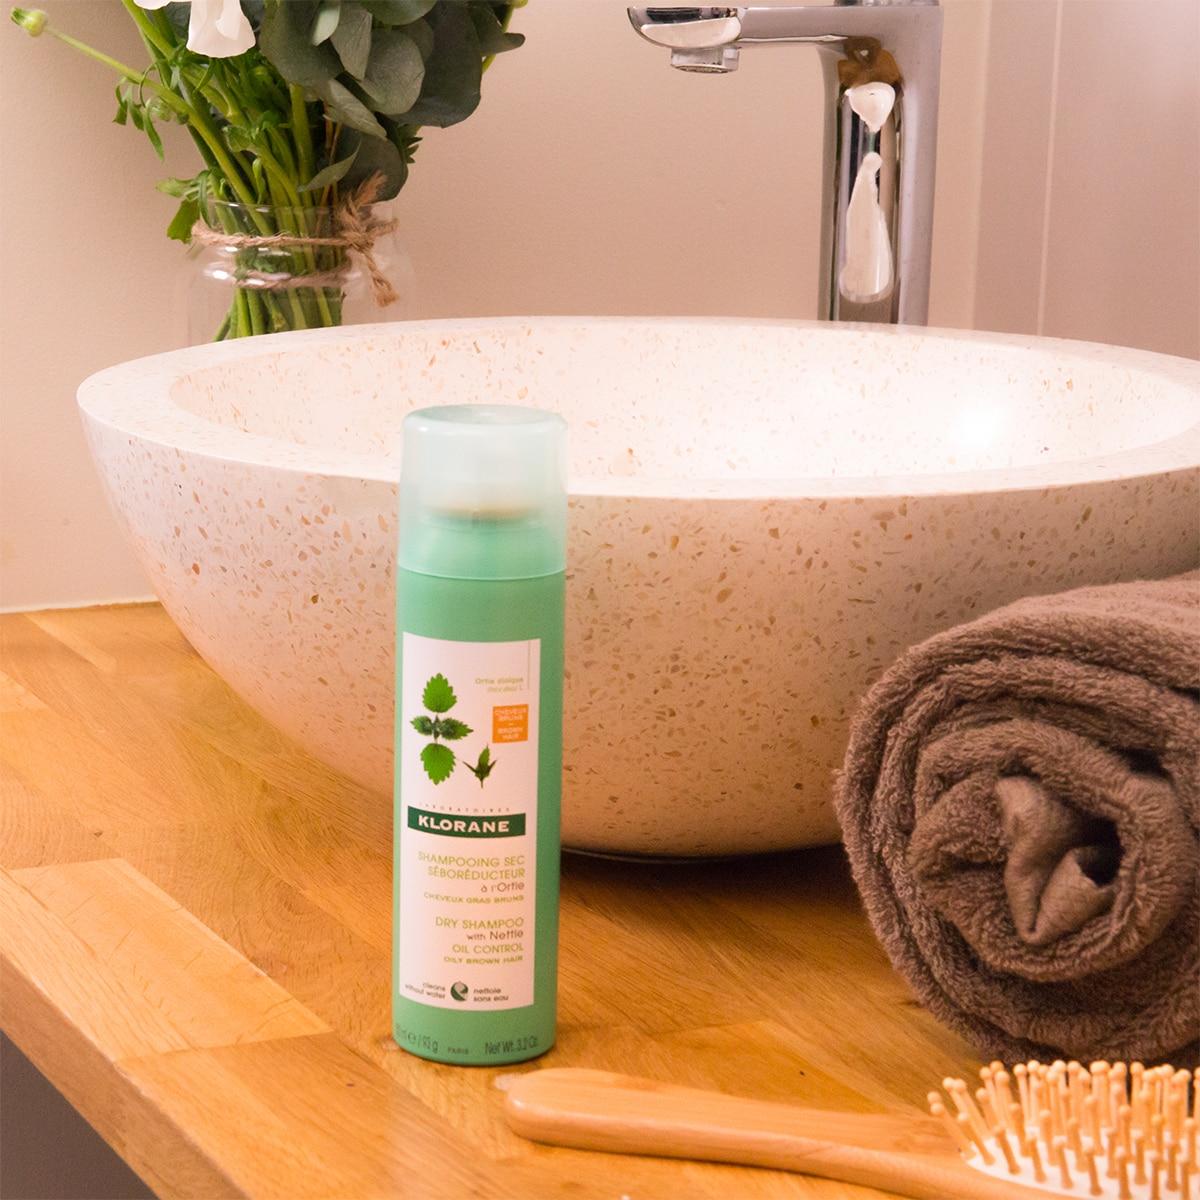 Klorane | Shampoo secco ortica